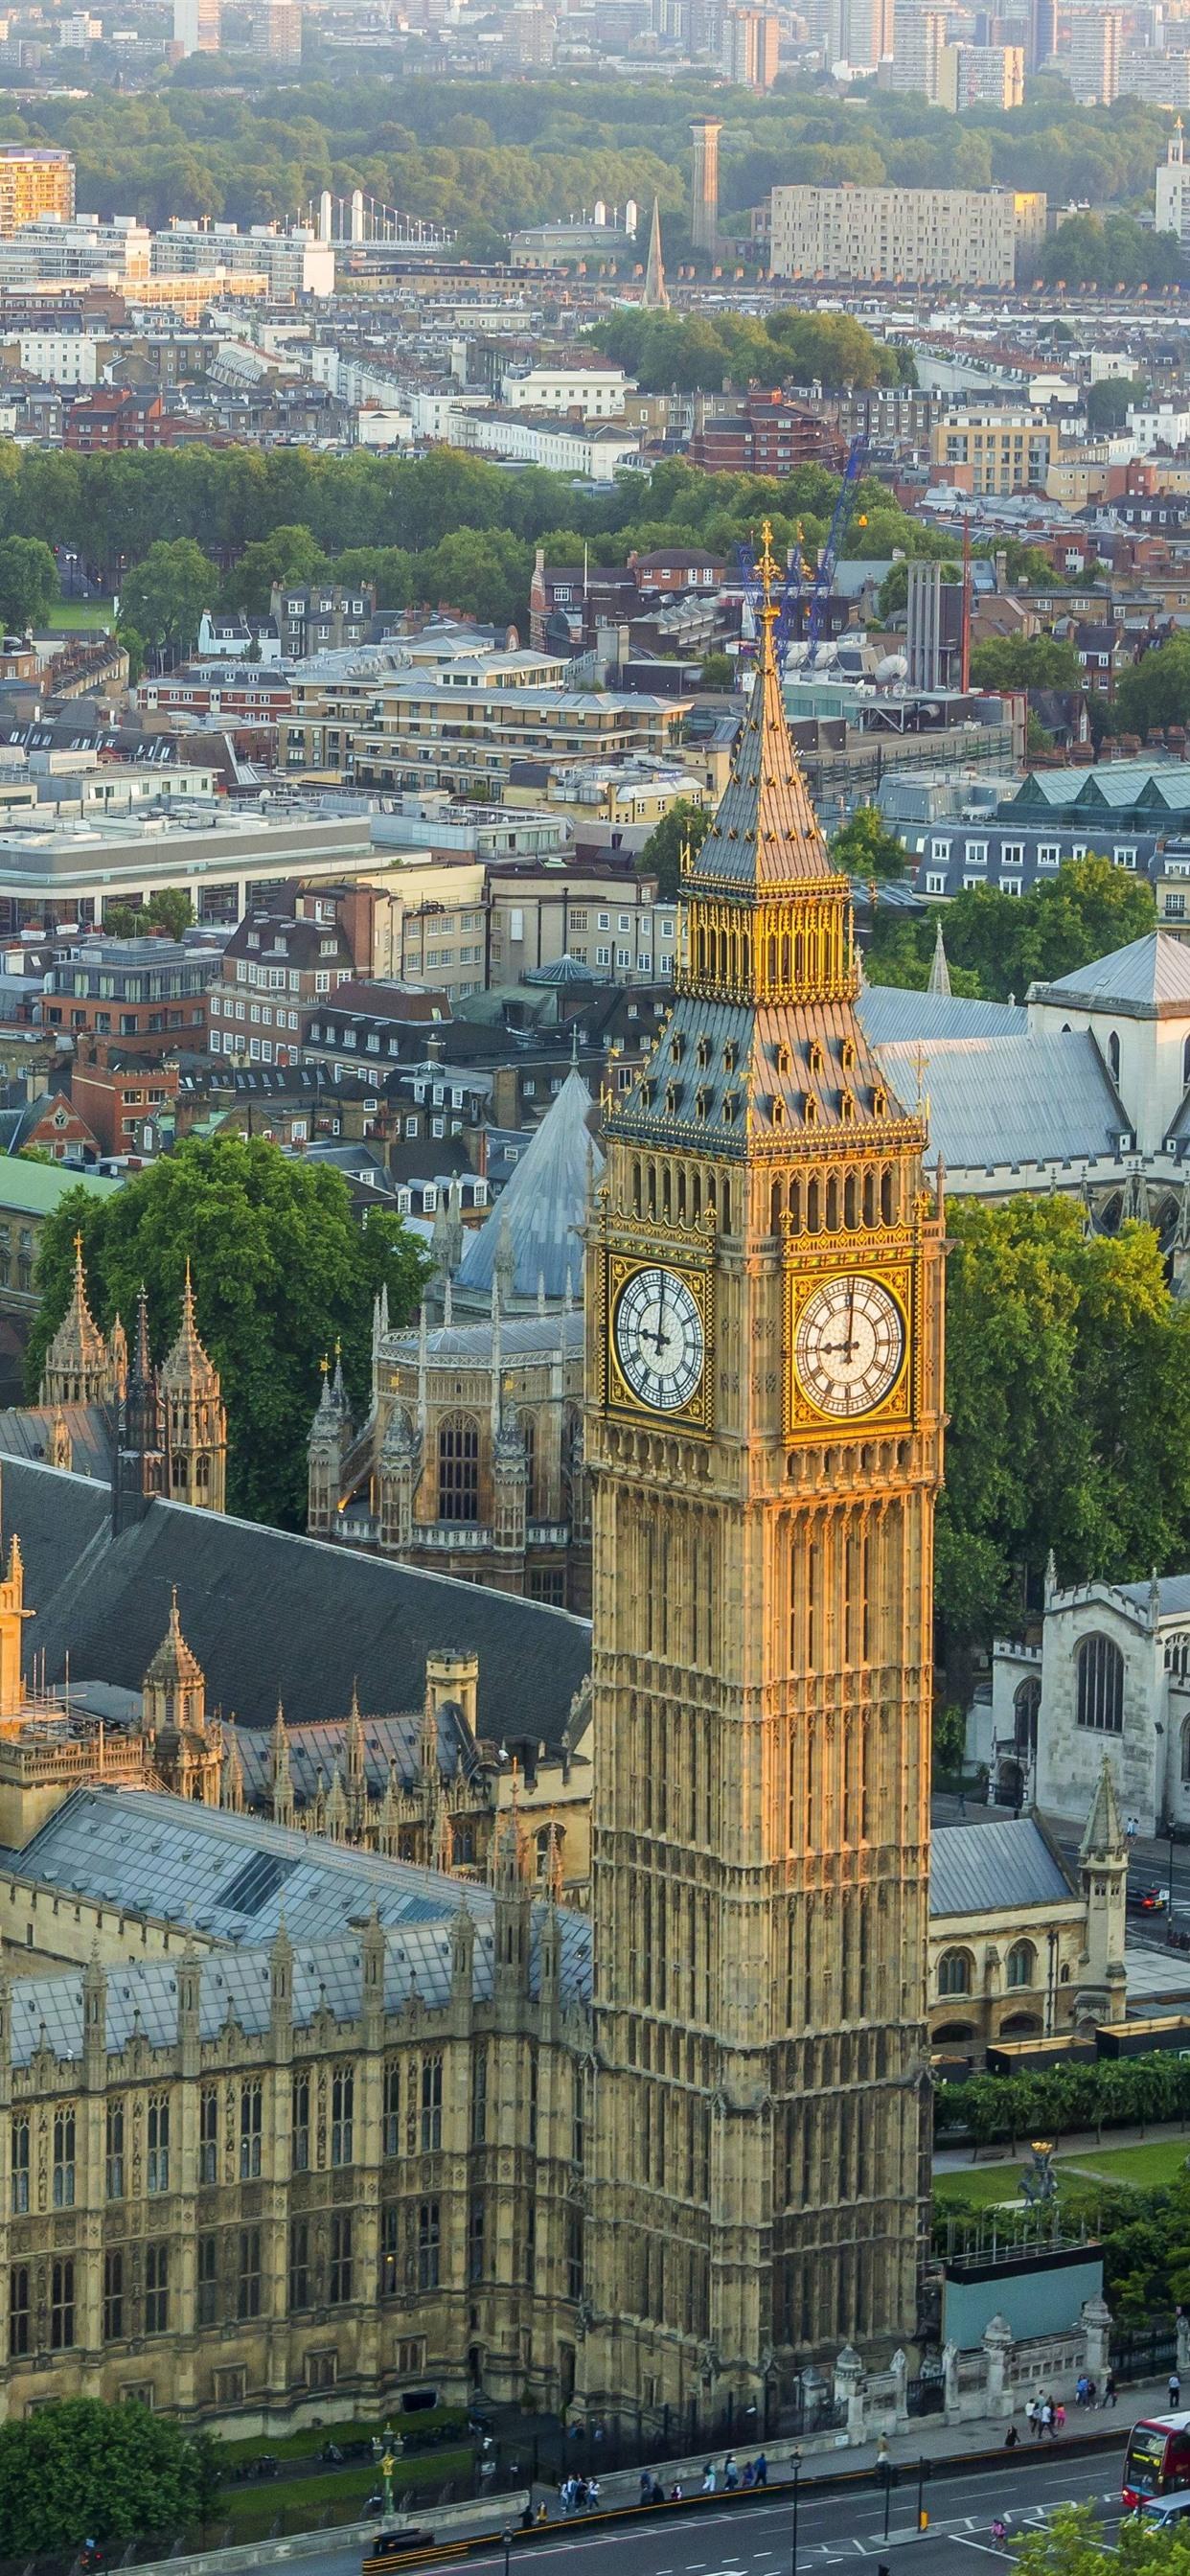 ロンドン ビッグベン 建物 都市 イギリス 1242x2688 Iphone 11 Pro